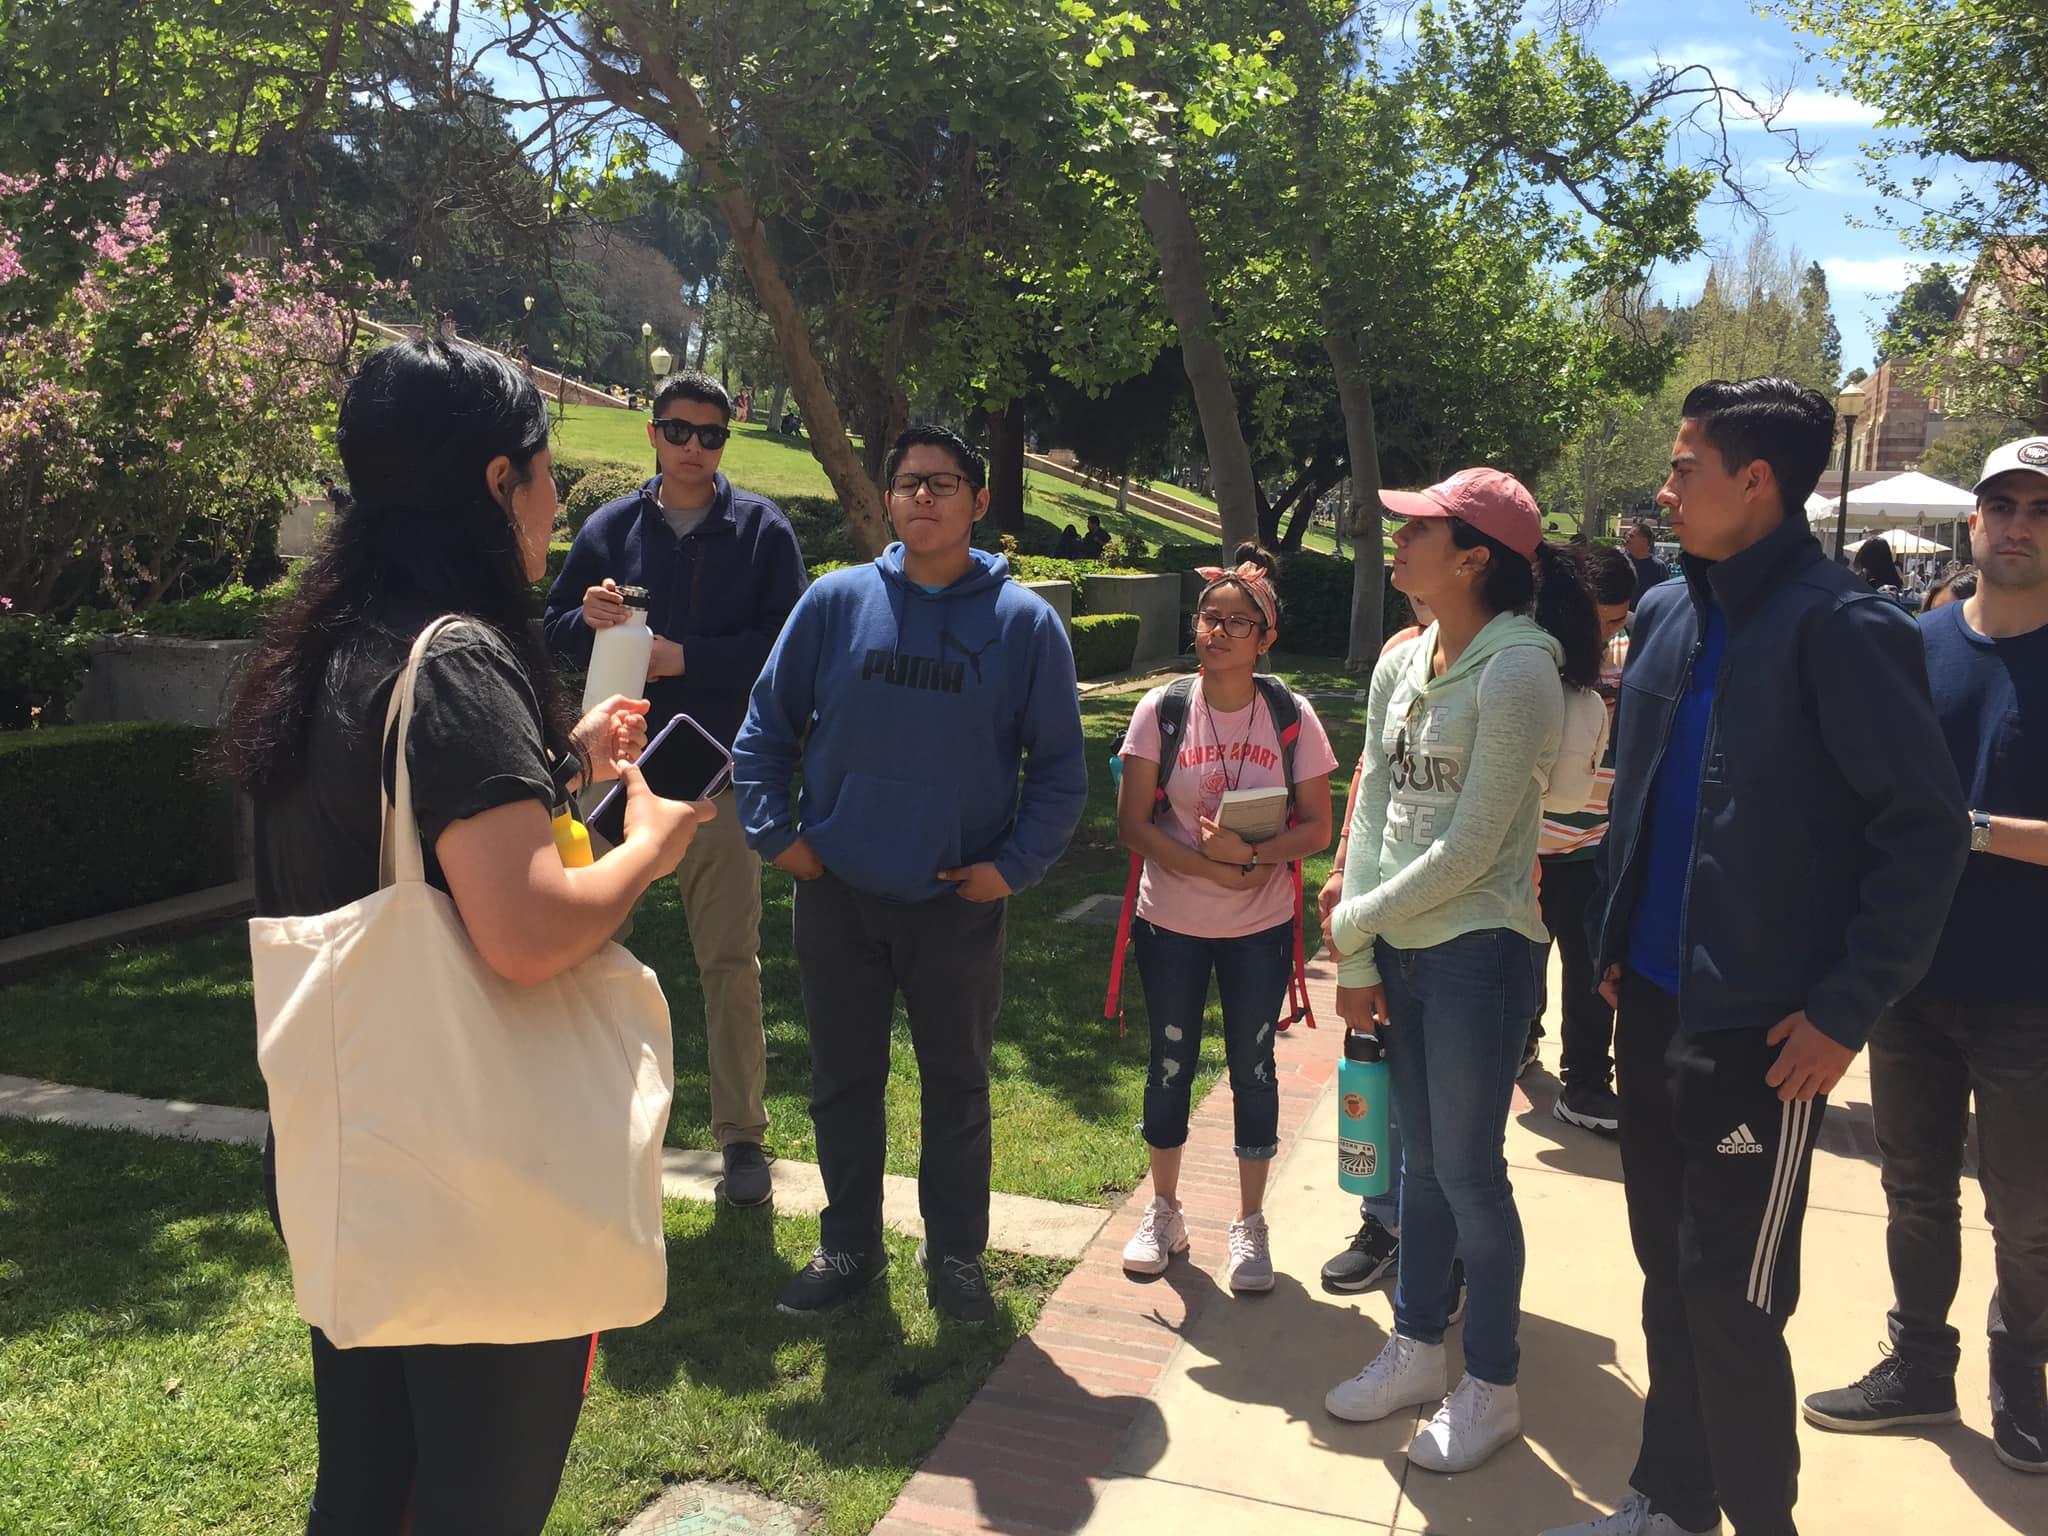 UCLA_Campus_Visit_29